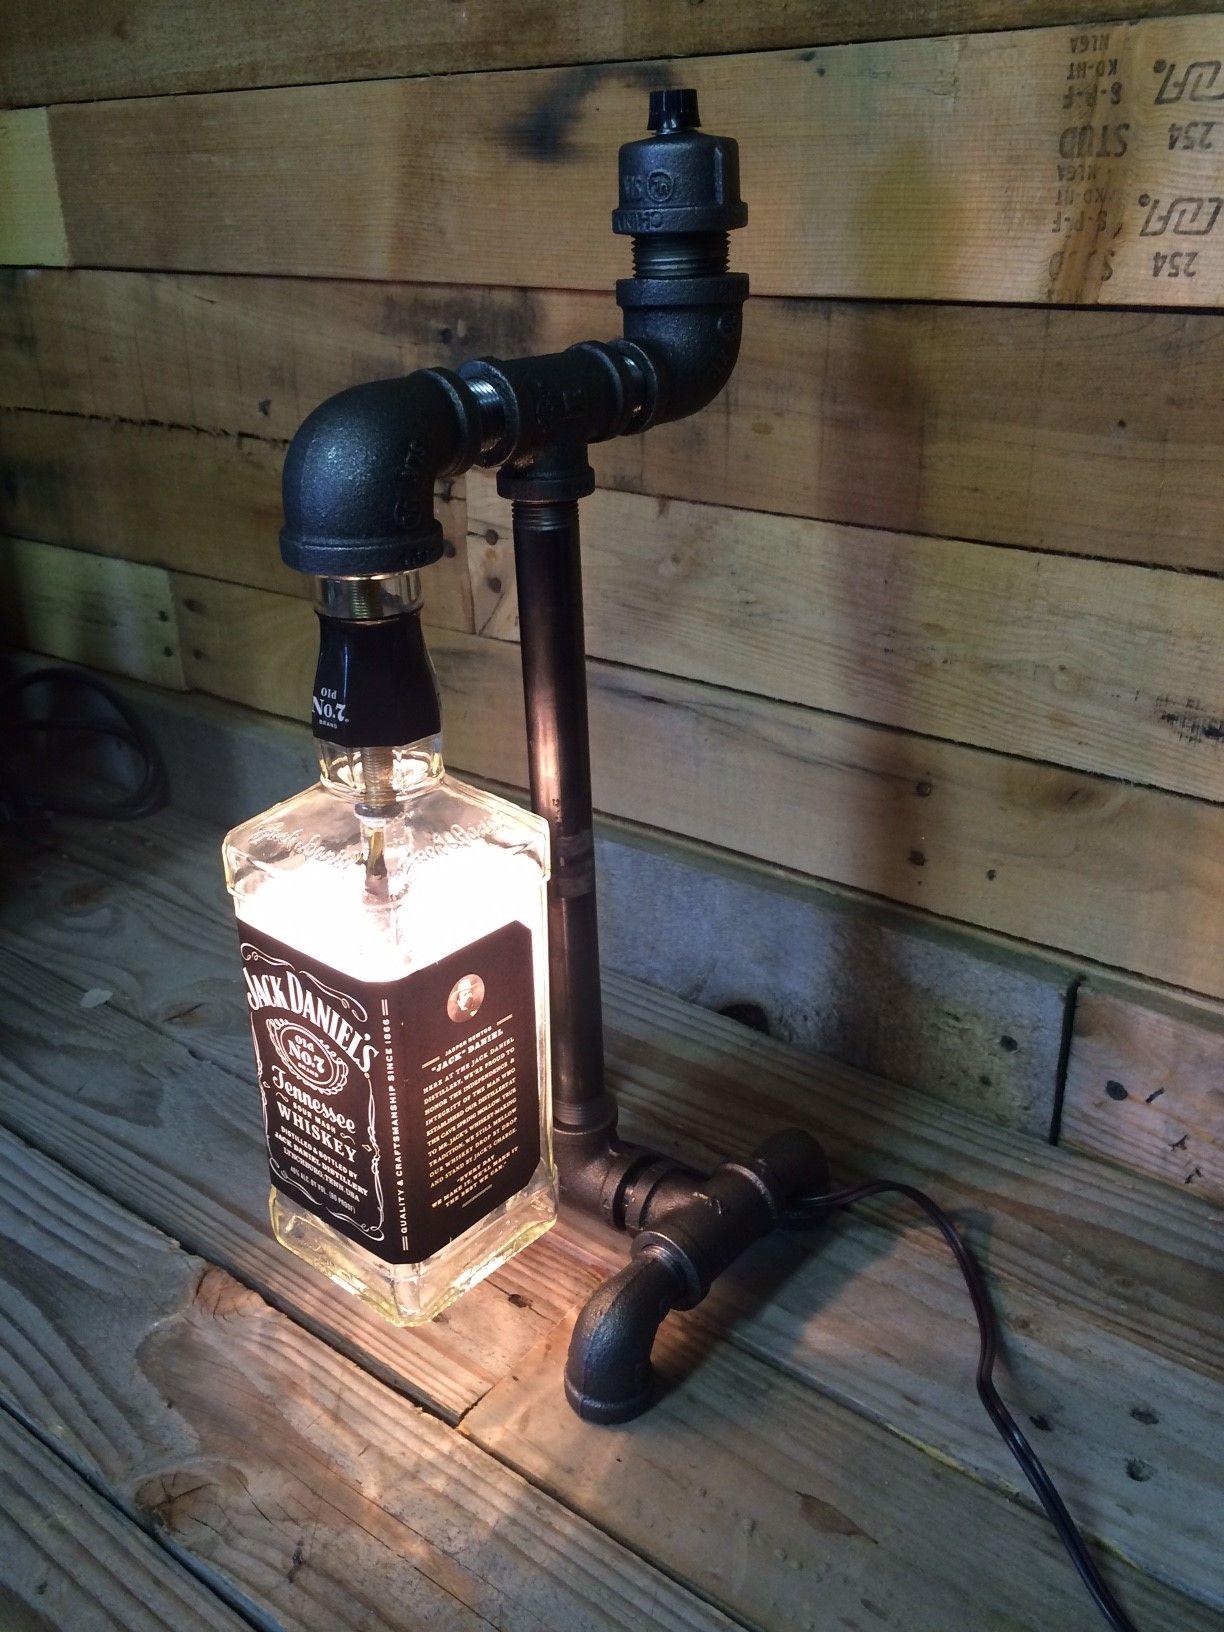 Jack daniels liquor bottle black pipe lamp 2 stuff i 39 ve for Things to make out of liquor bottles